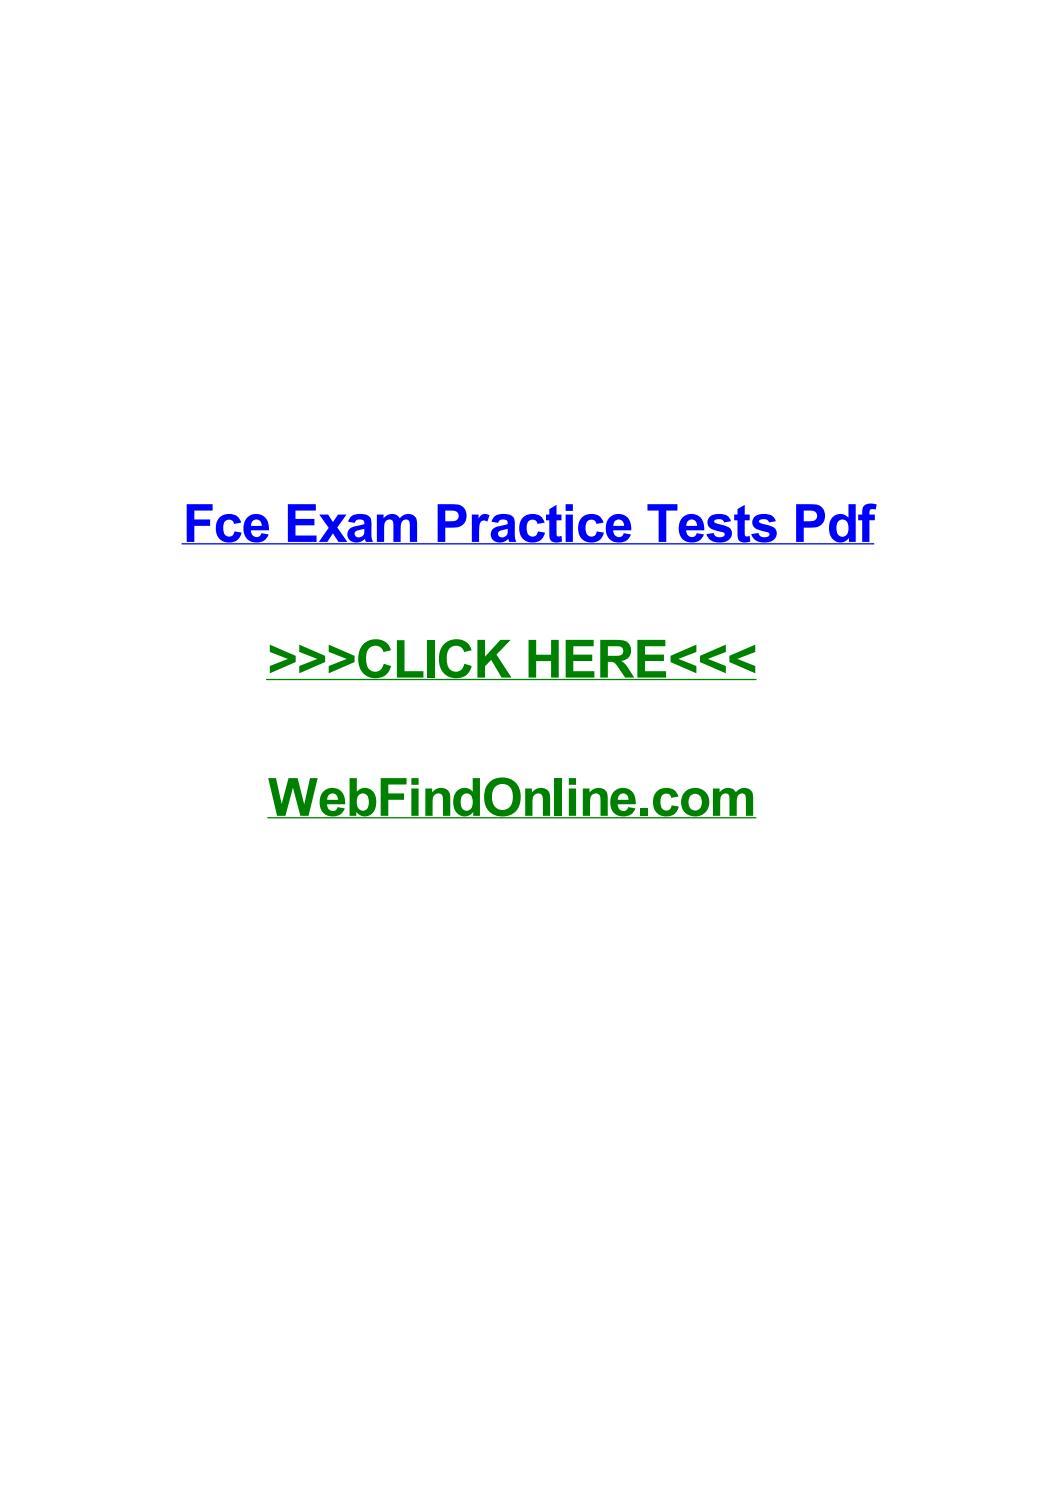 Fce Tests Pdf